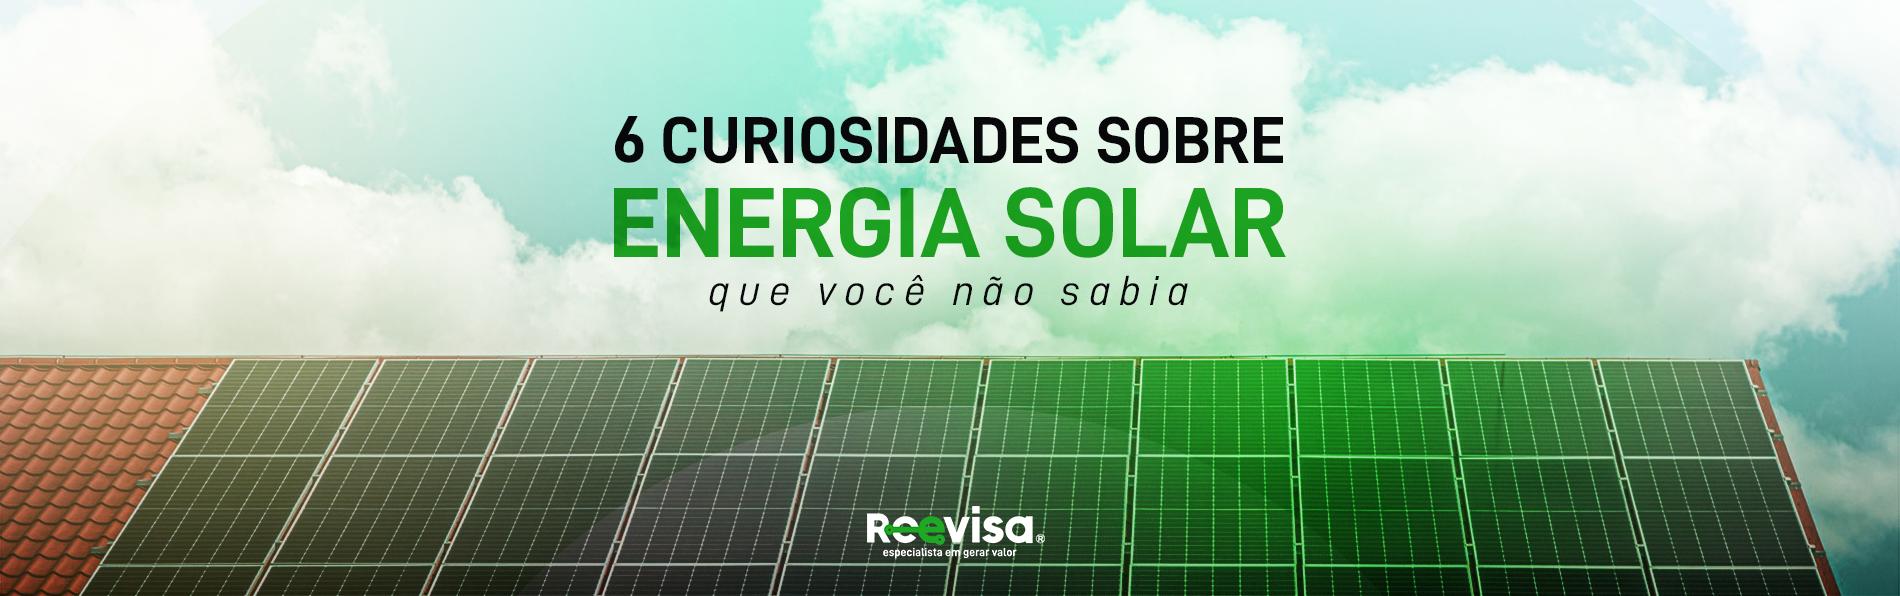 8 curiosidades sobre energia solar que você não sabia